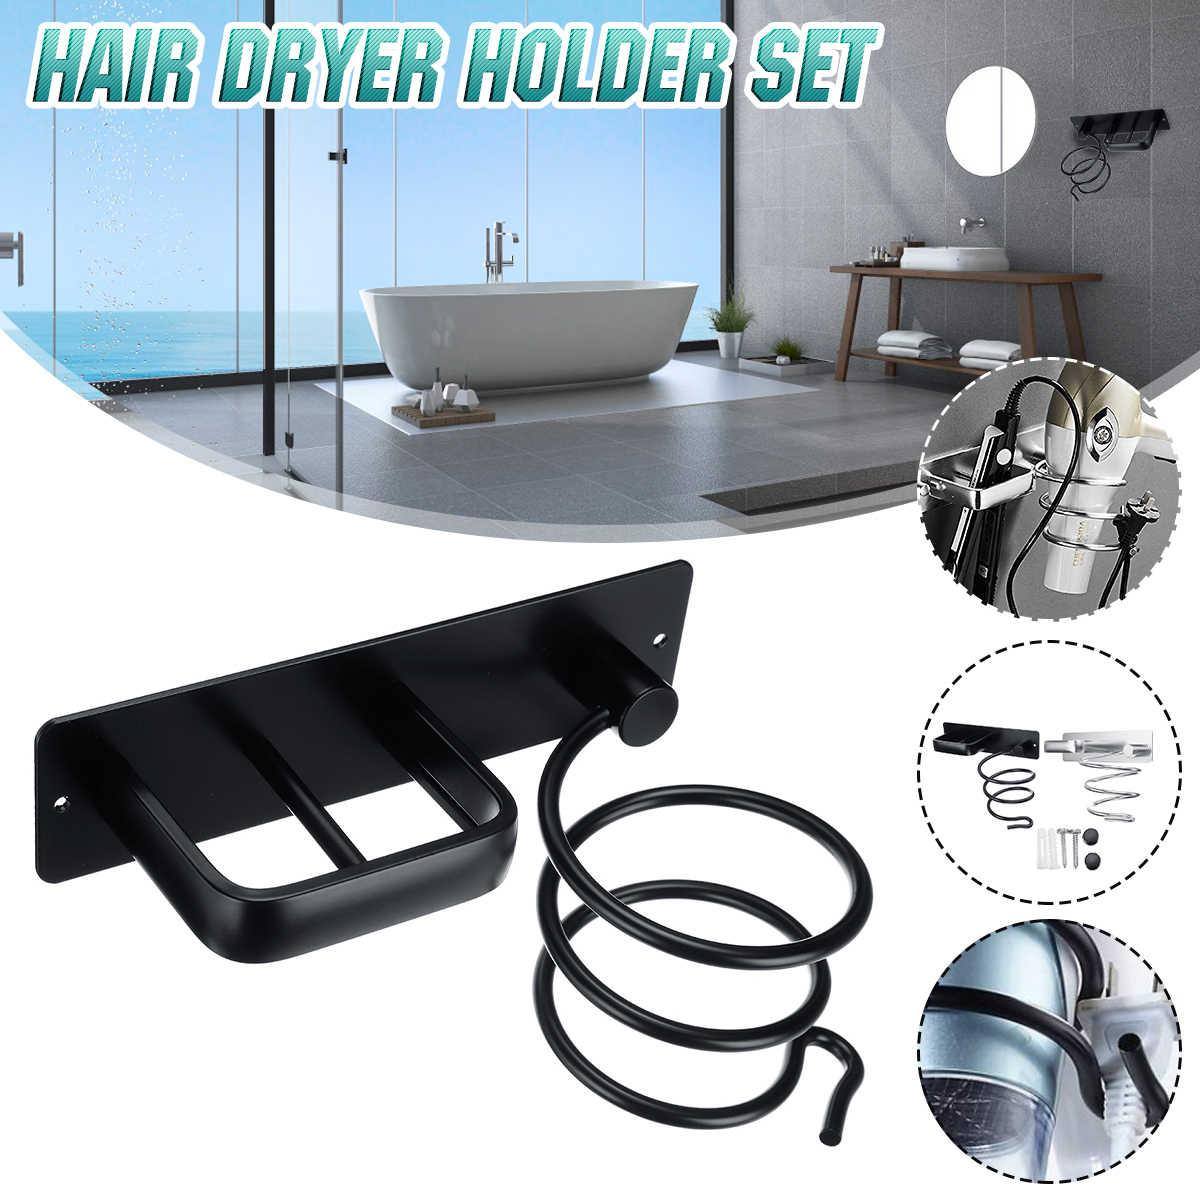 Alumini настенный Фен держатель Подставка для ванной комнаты отель полки хранения Фен Вешалка-держатель